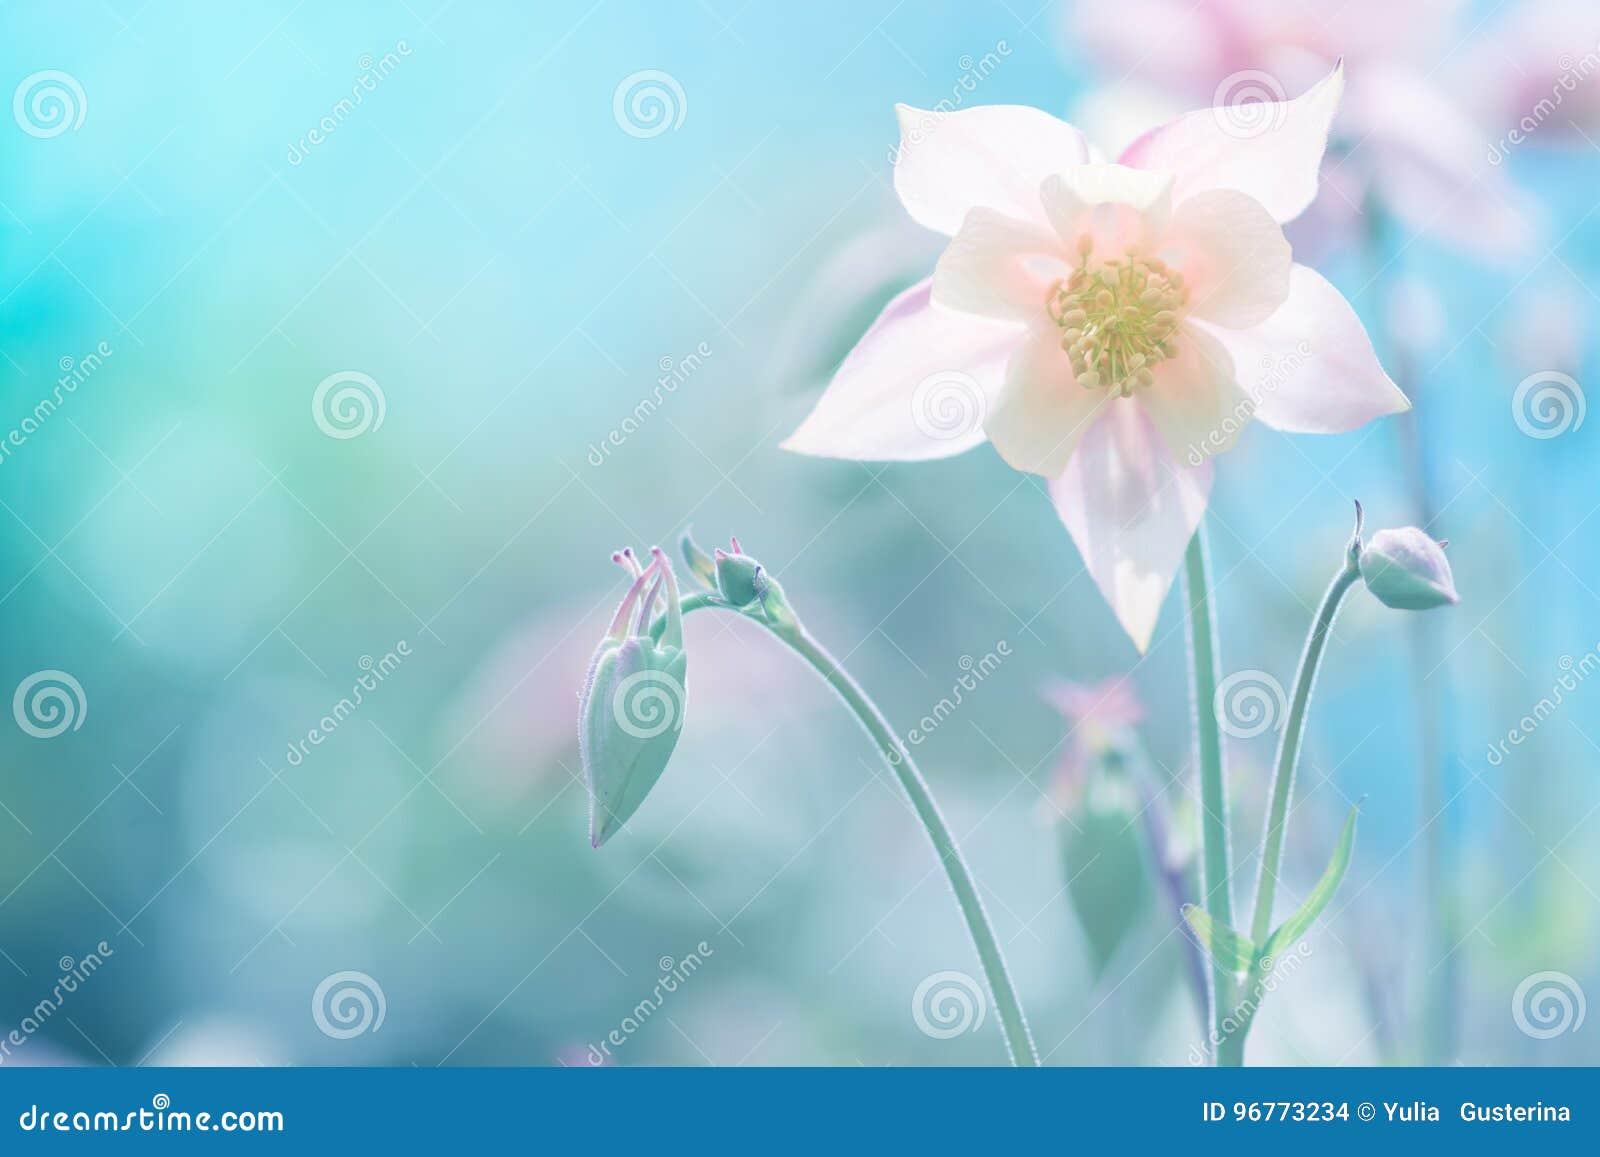 Rosa delicado da flor de Aquilegia contra um fundo azul Foco seletivo macio Imagem artística das flores fora